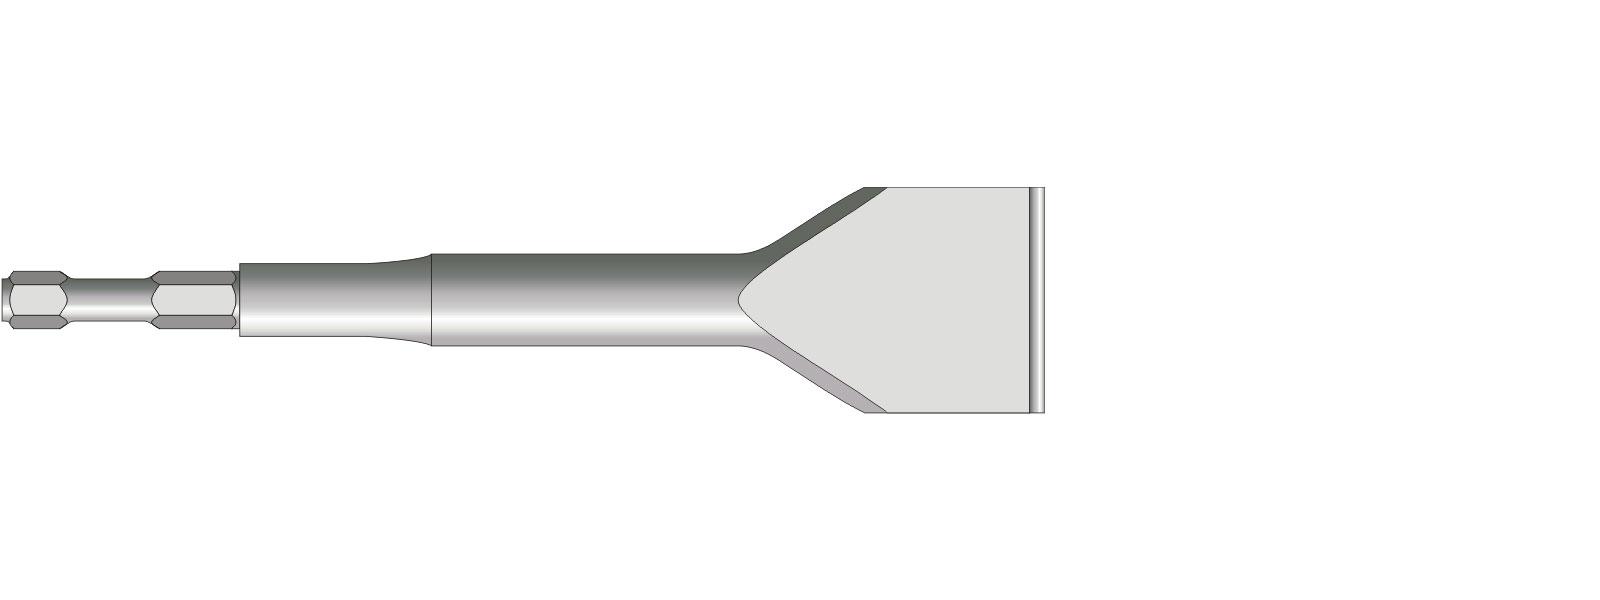 VOGT Breitmeißel M 360.18